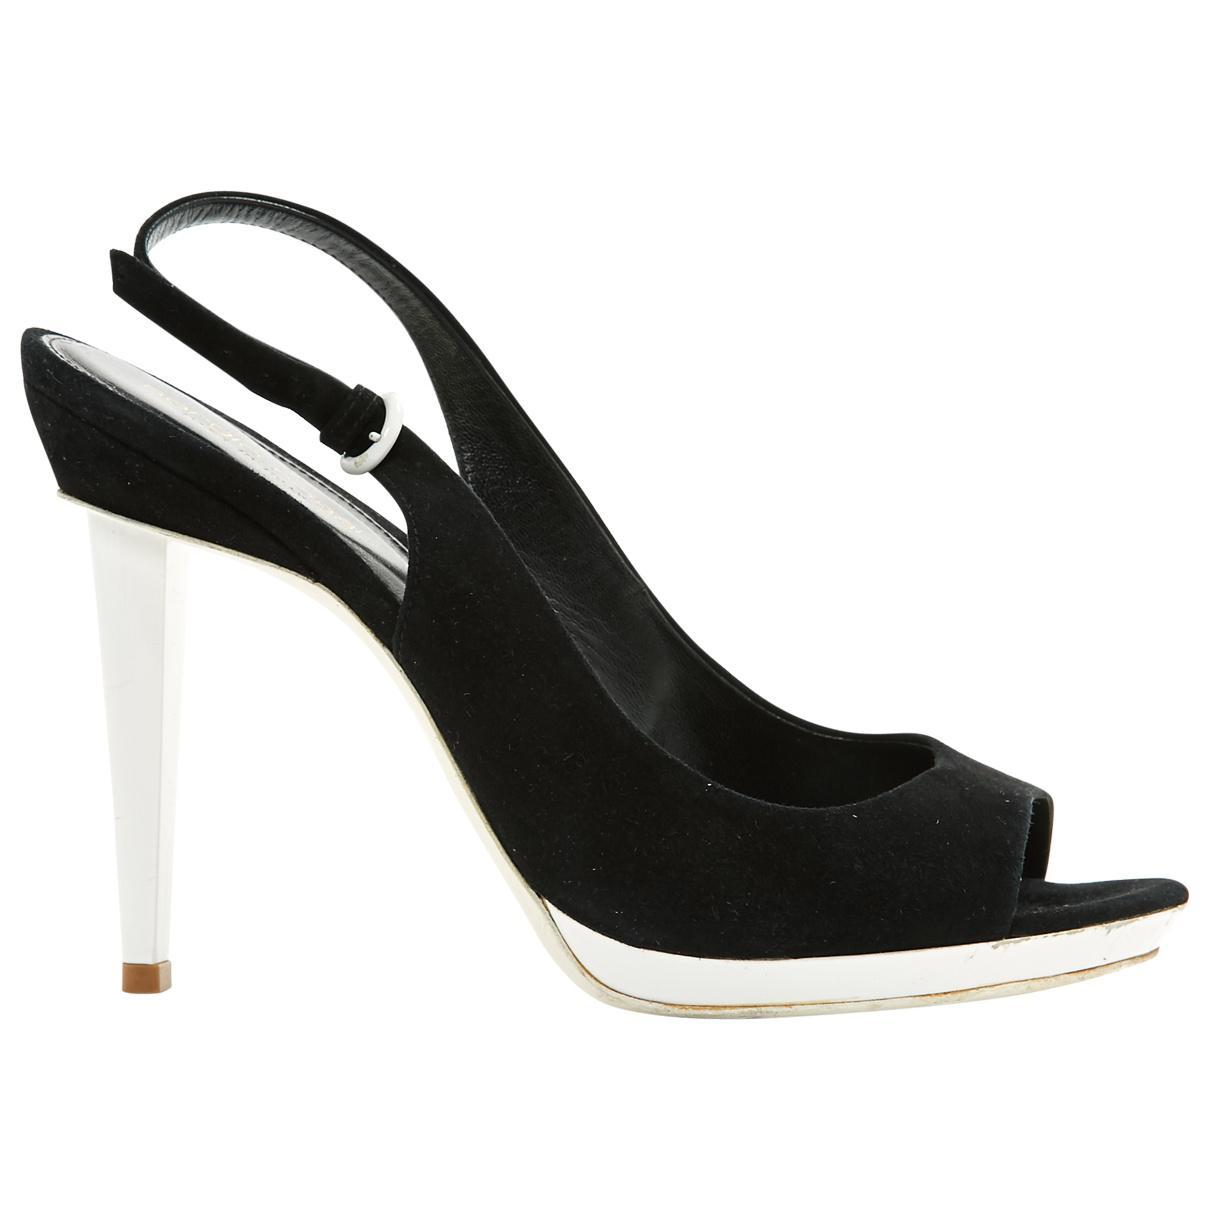 Pre-owned - Velvet sandals Sergio Rossi 1OVh16k